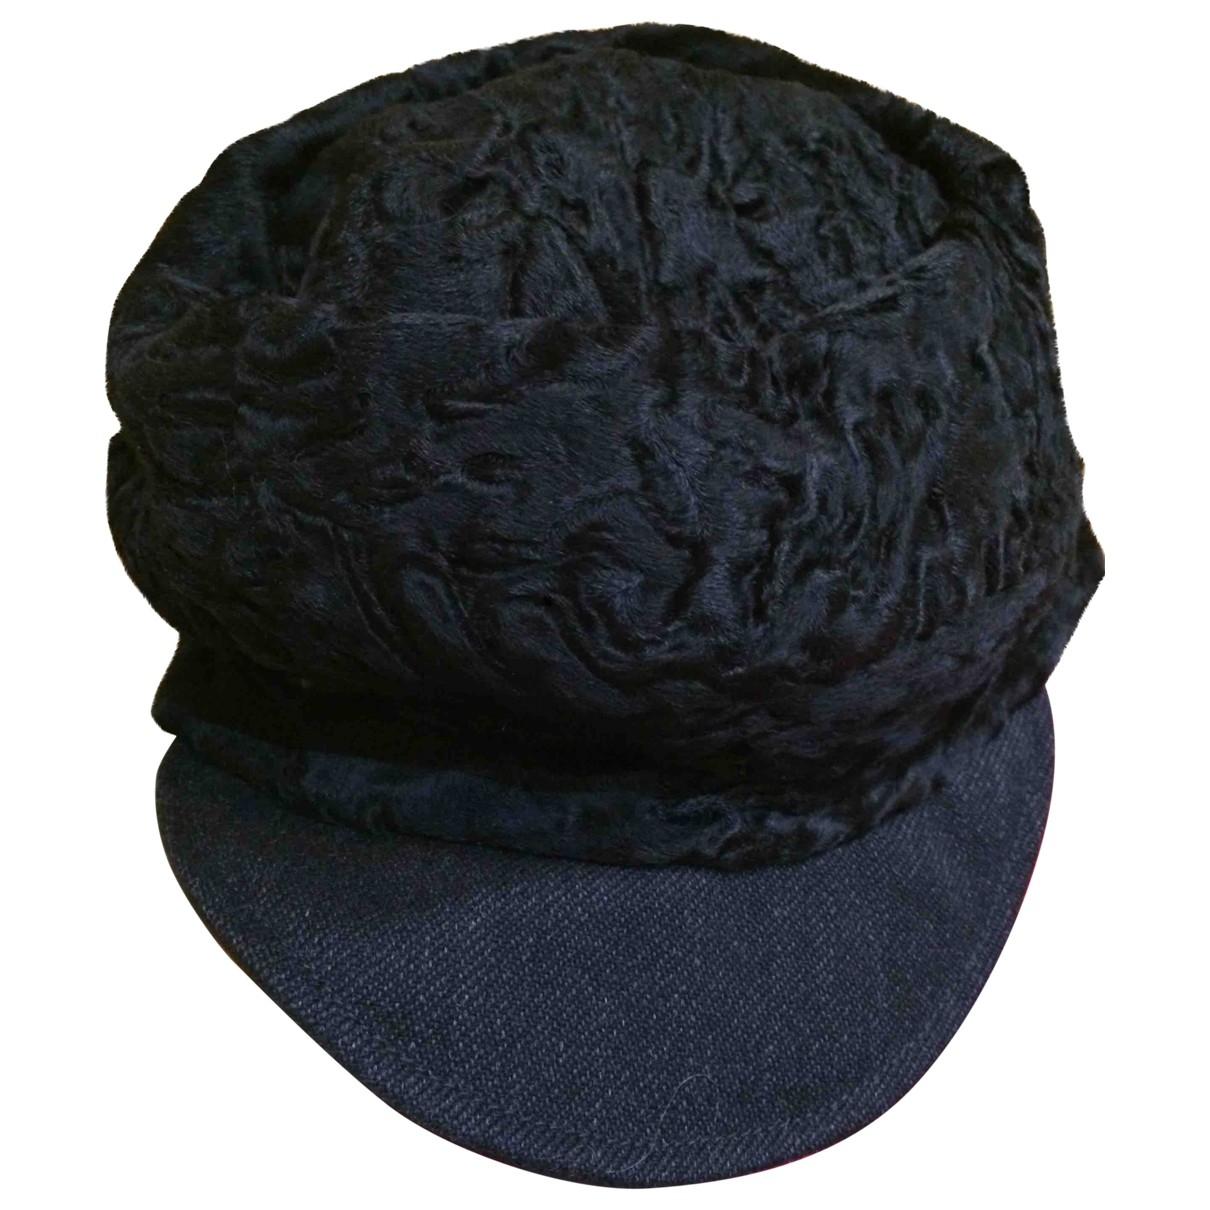 Marni \N Black Astrakhan hat for Women M International